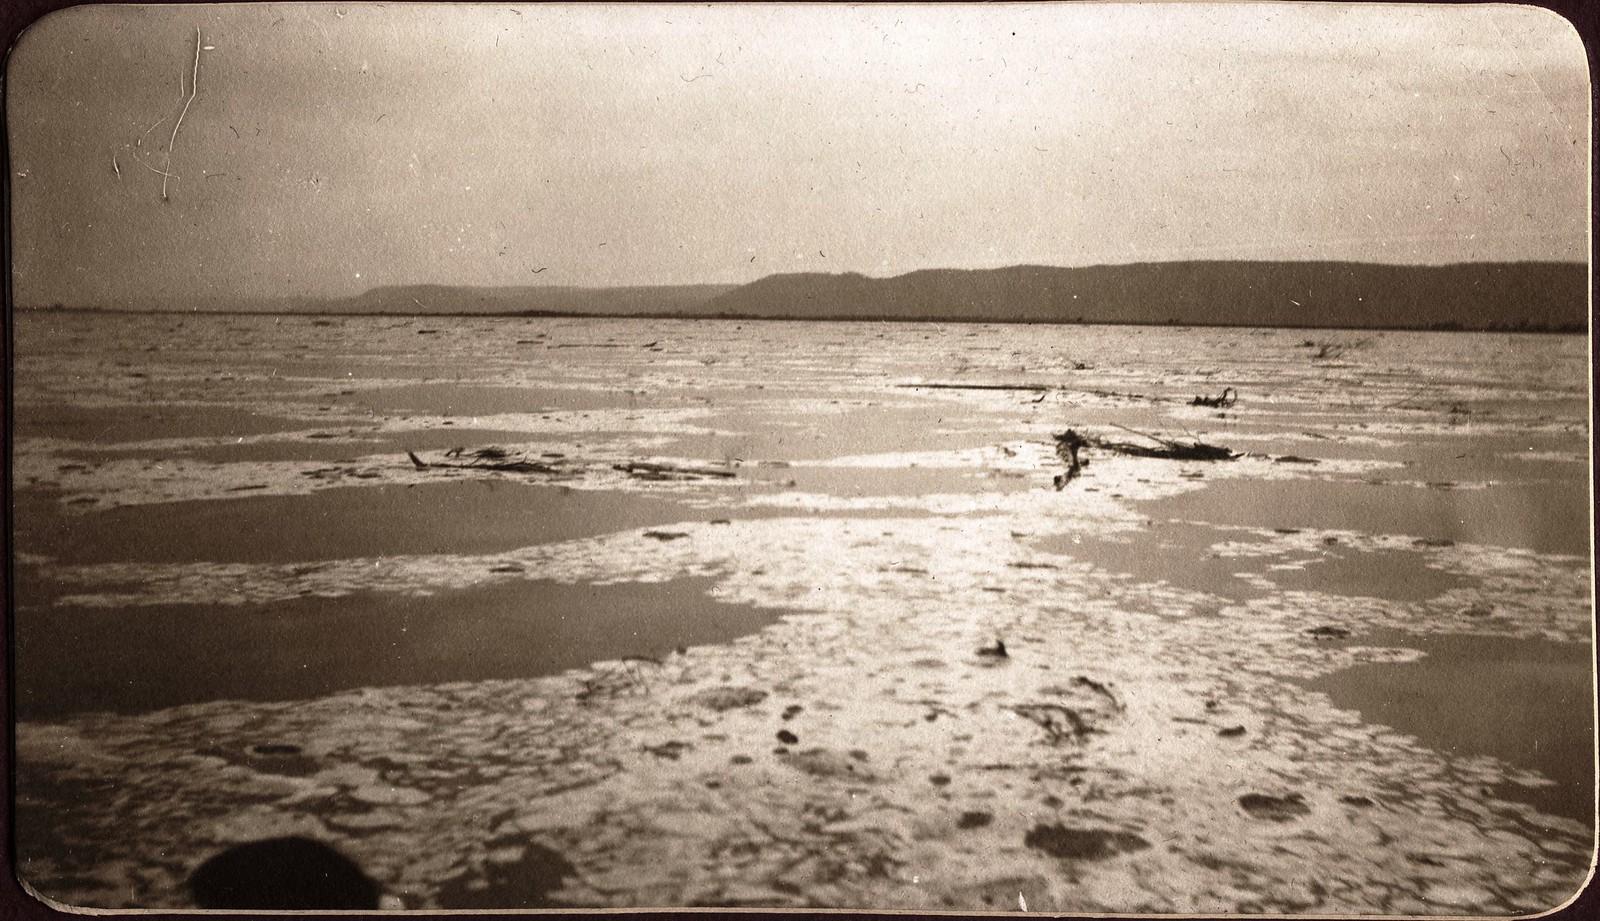 Пена и наносник во время большого паводка на реке Зее.